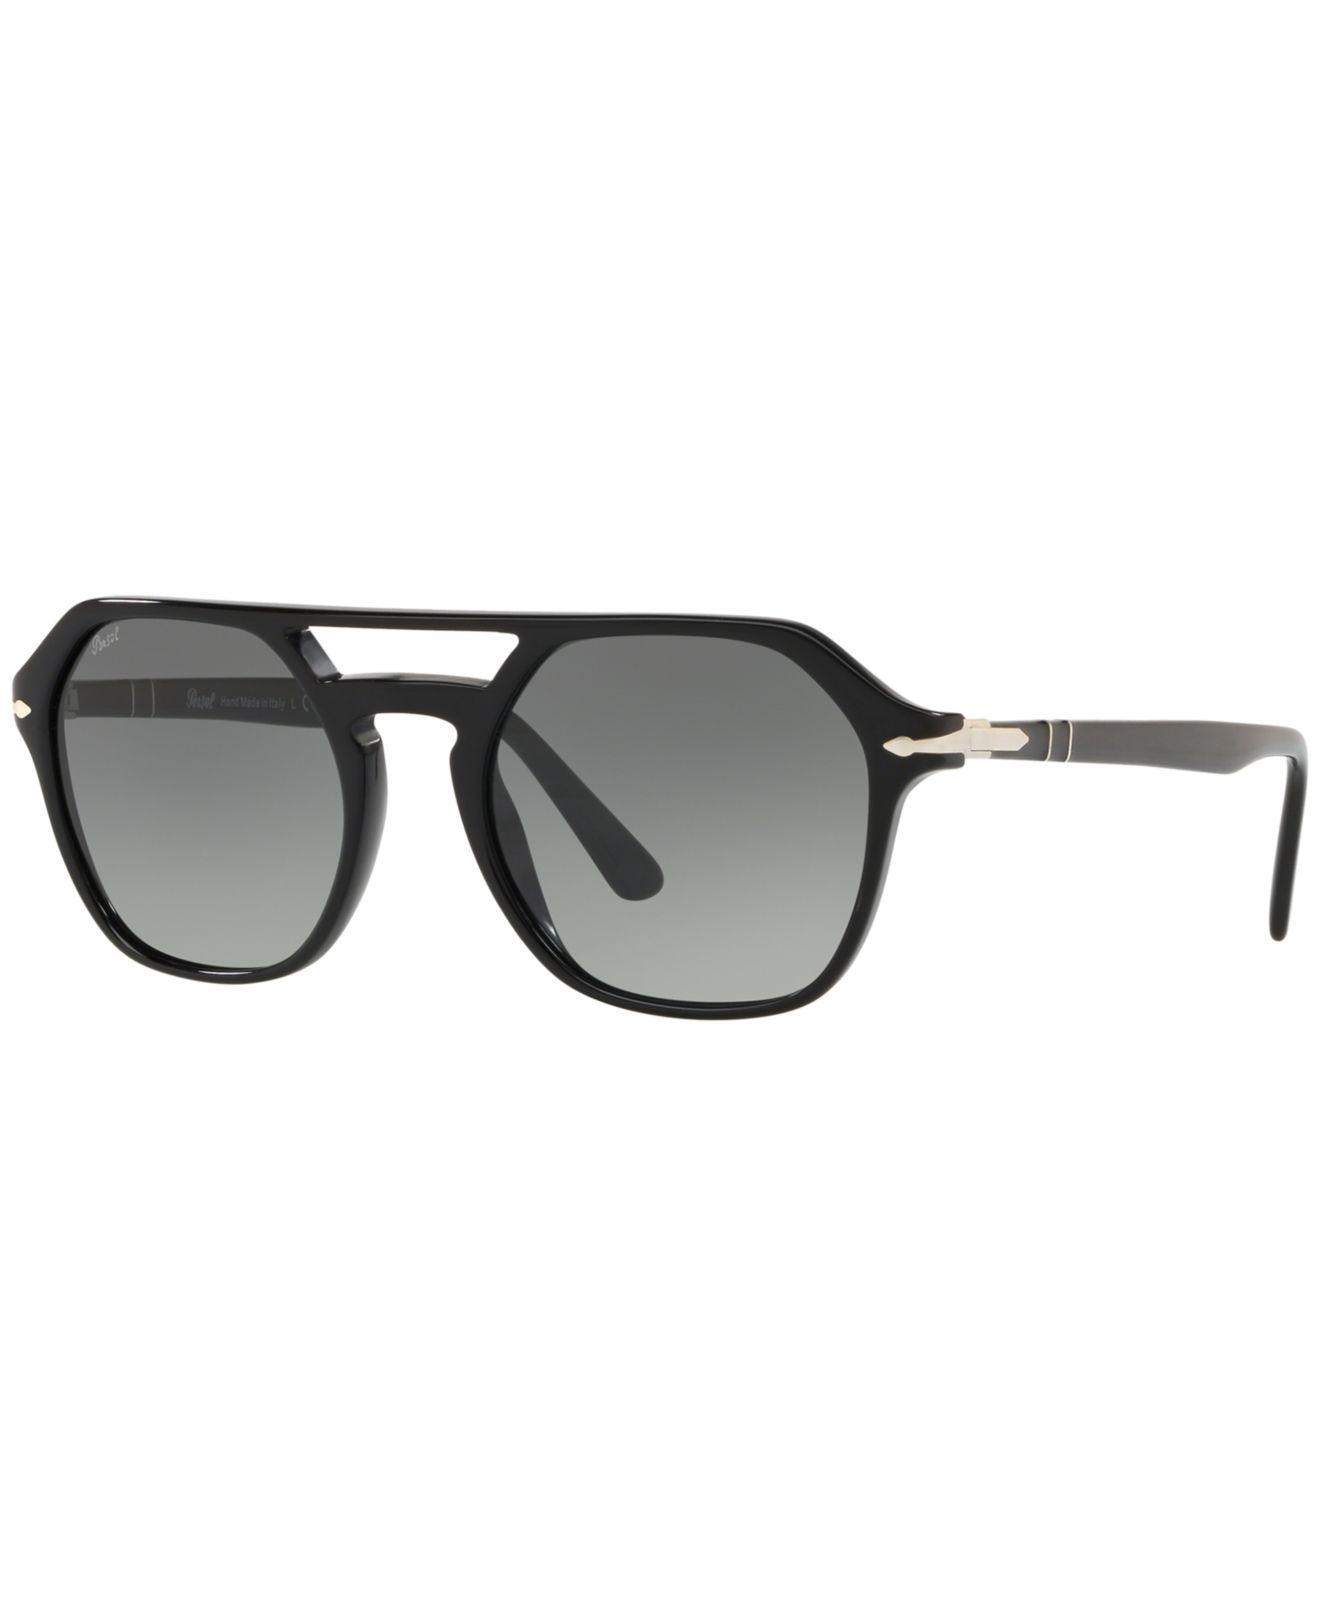 aa5aefc8e9a61 Persol. Men s Gray Sunglasses